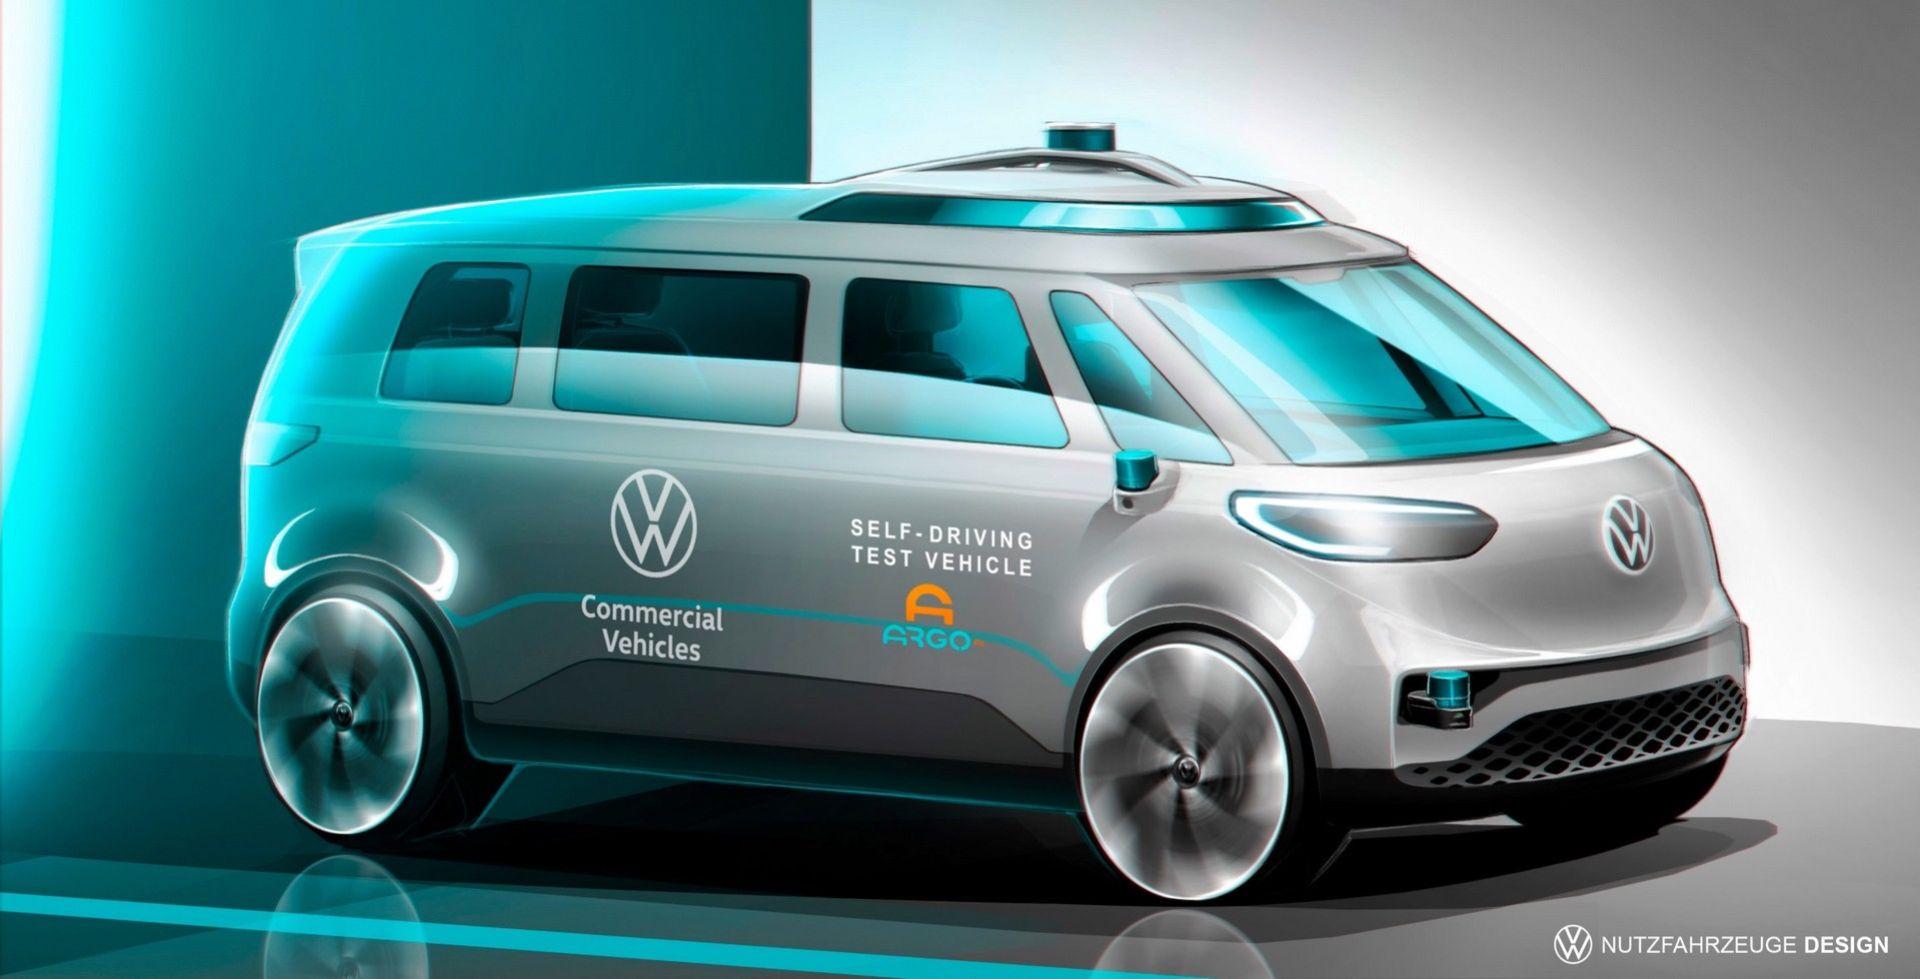 Självkörande version av Volkswagen ID. Buzz kommer 2025